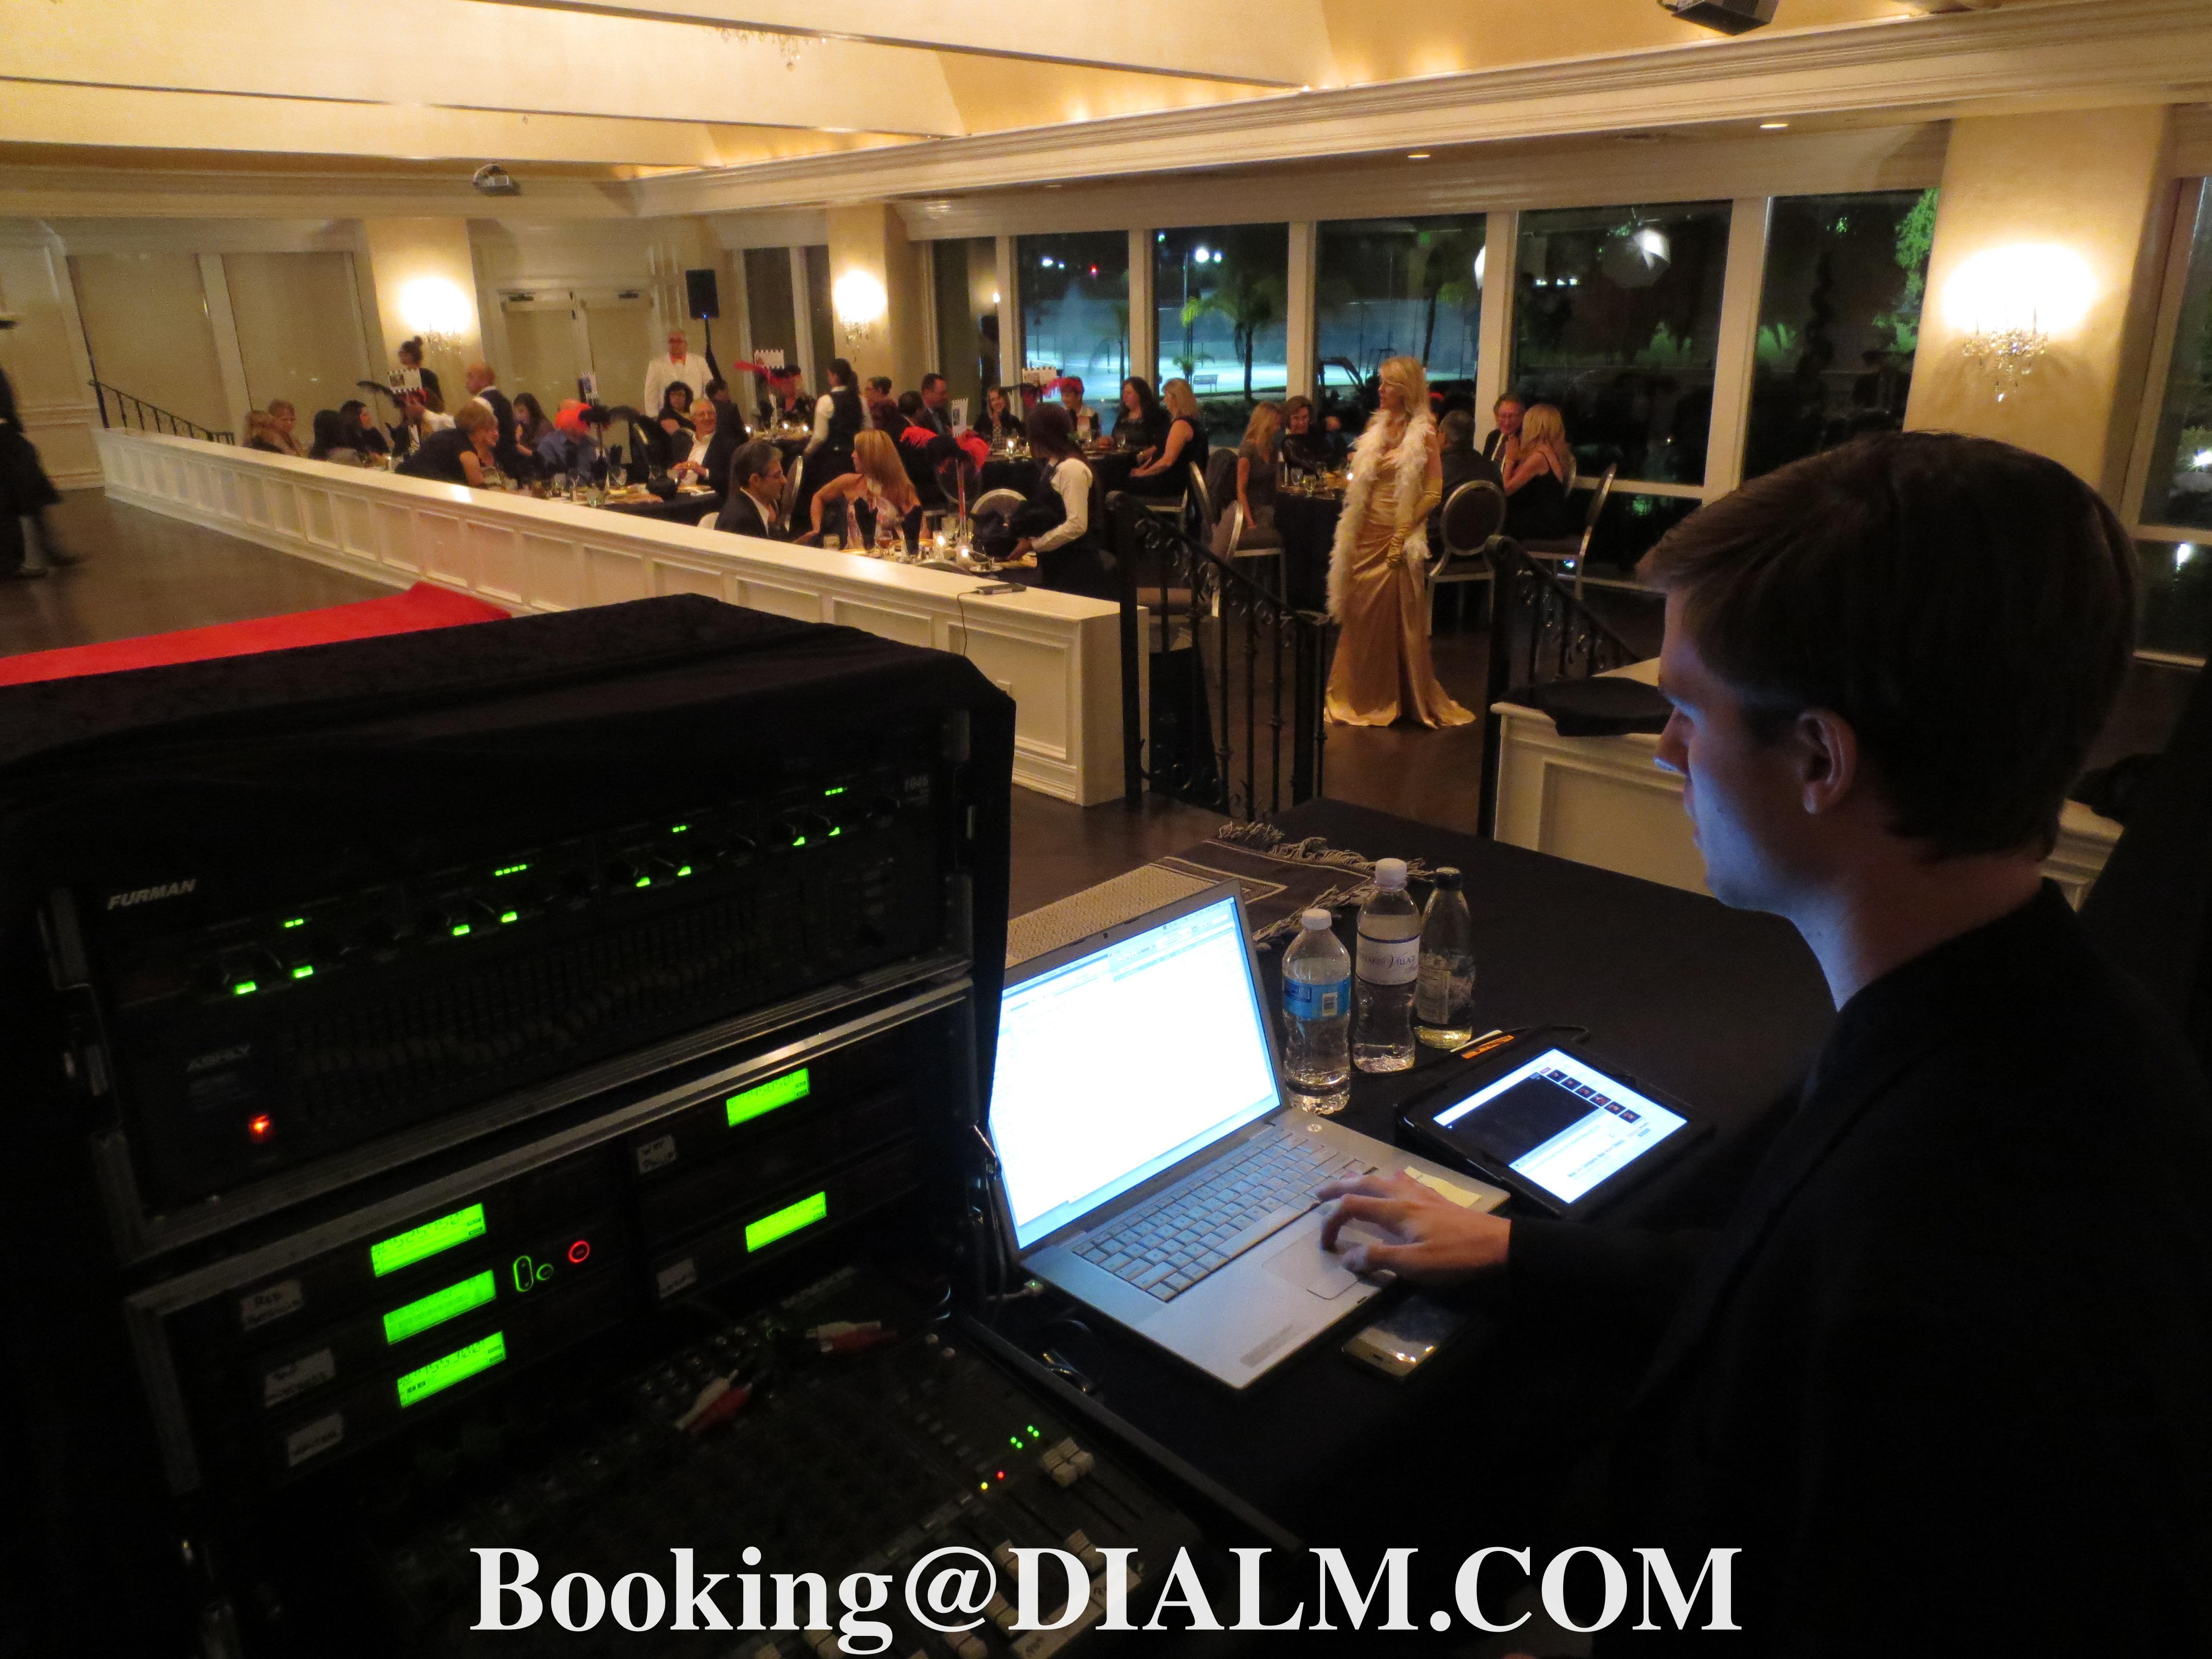 Sound engineer & Michelle Mistress of Murder #DIALM